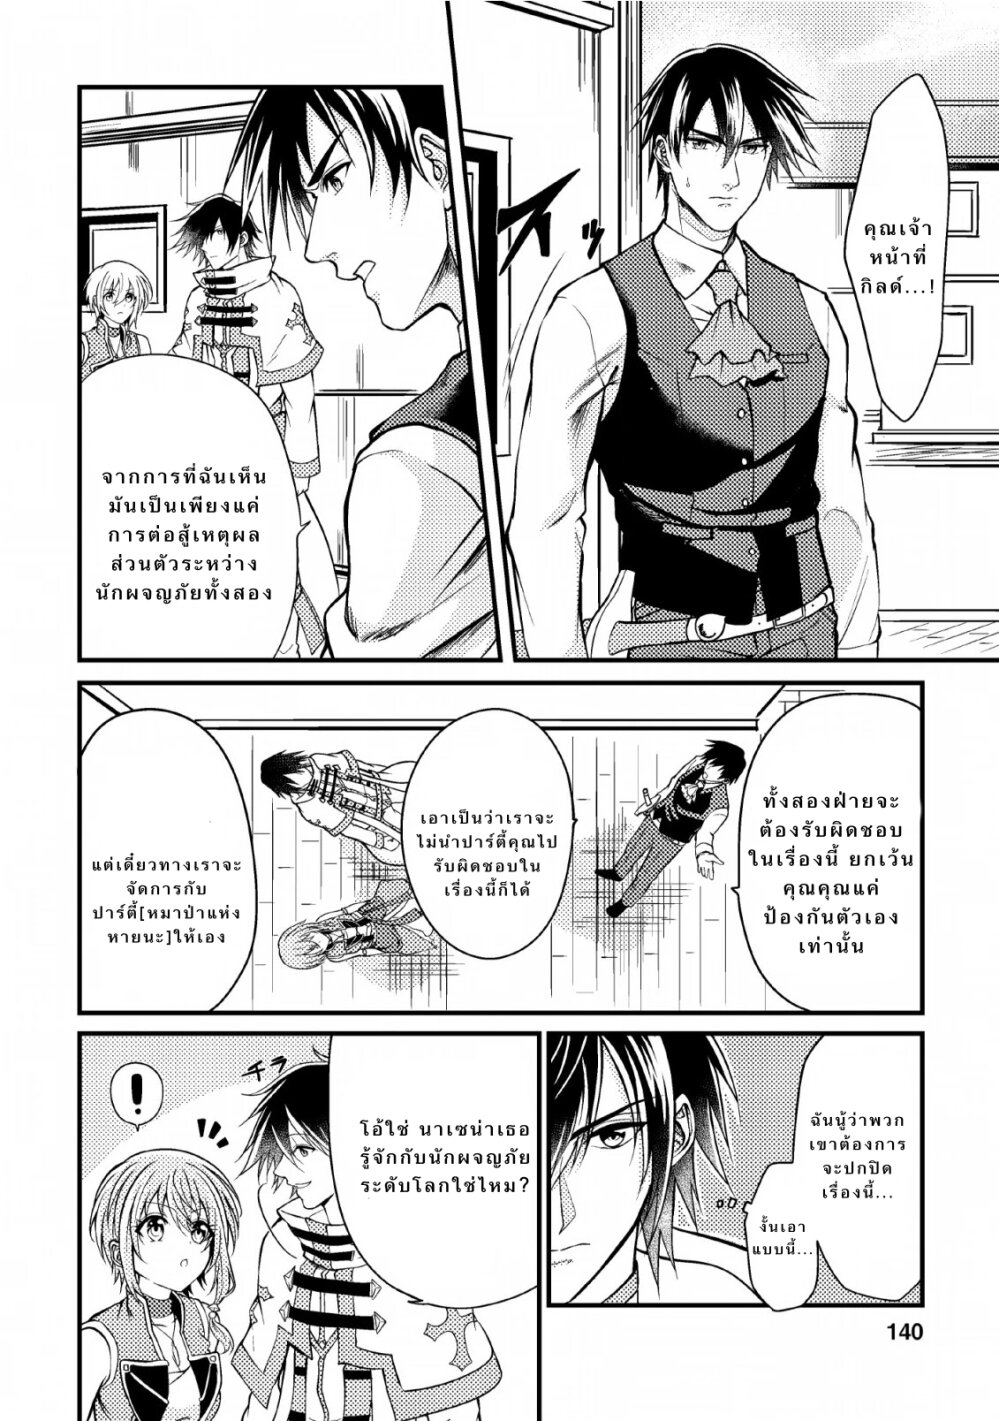 อ่านการ์ตูน Party kara Tsuihou Sareta Sono Chiyushi Jitsuha Saikyou Nitsuki ตอนที่ 5 หน้าที่ 15